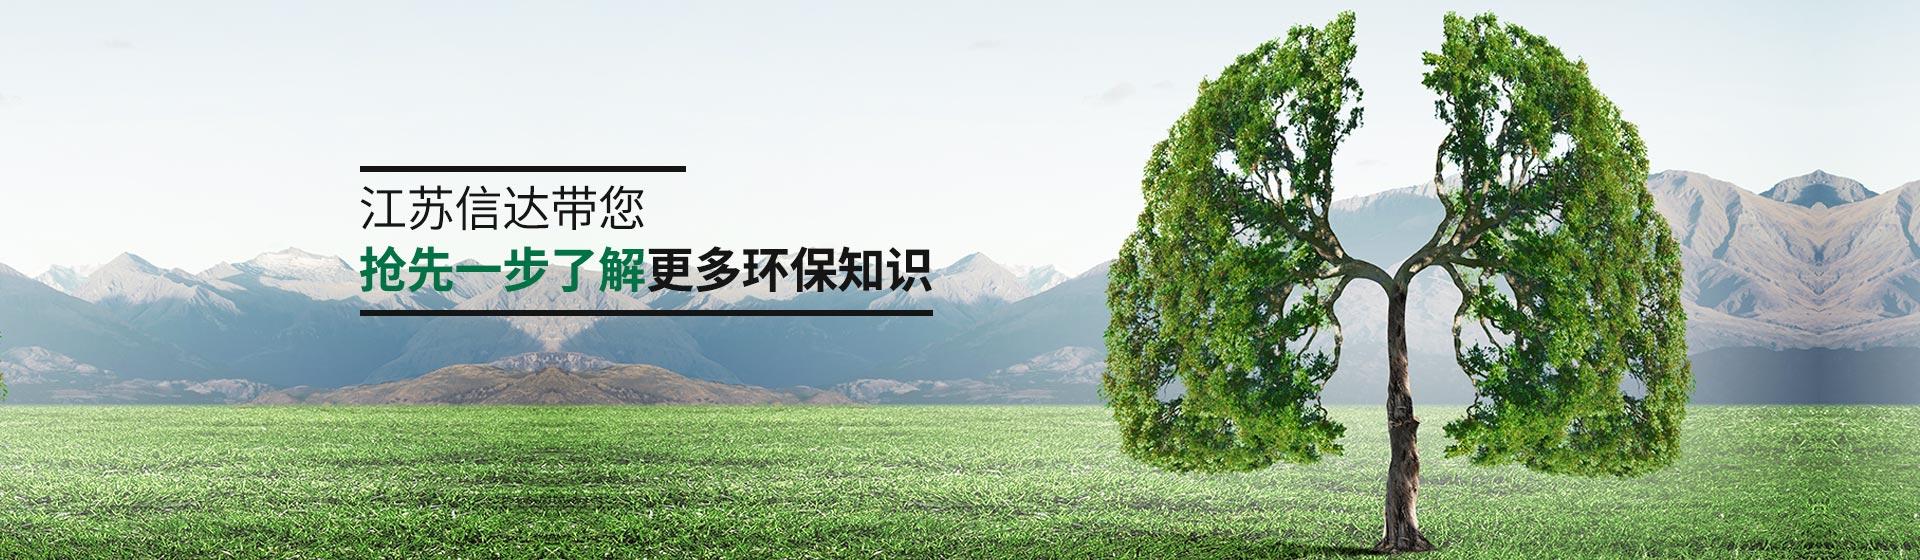 江苏信达带您抢先一步了解更多环保知识